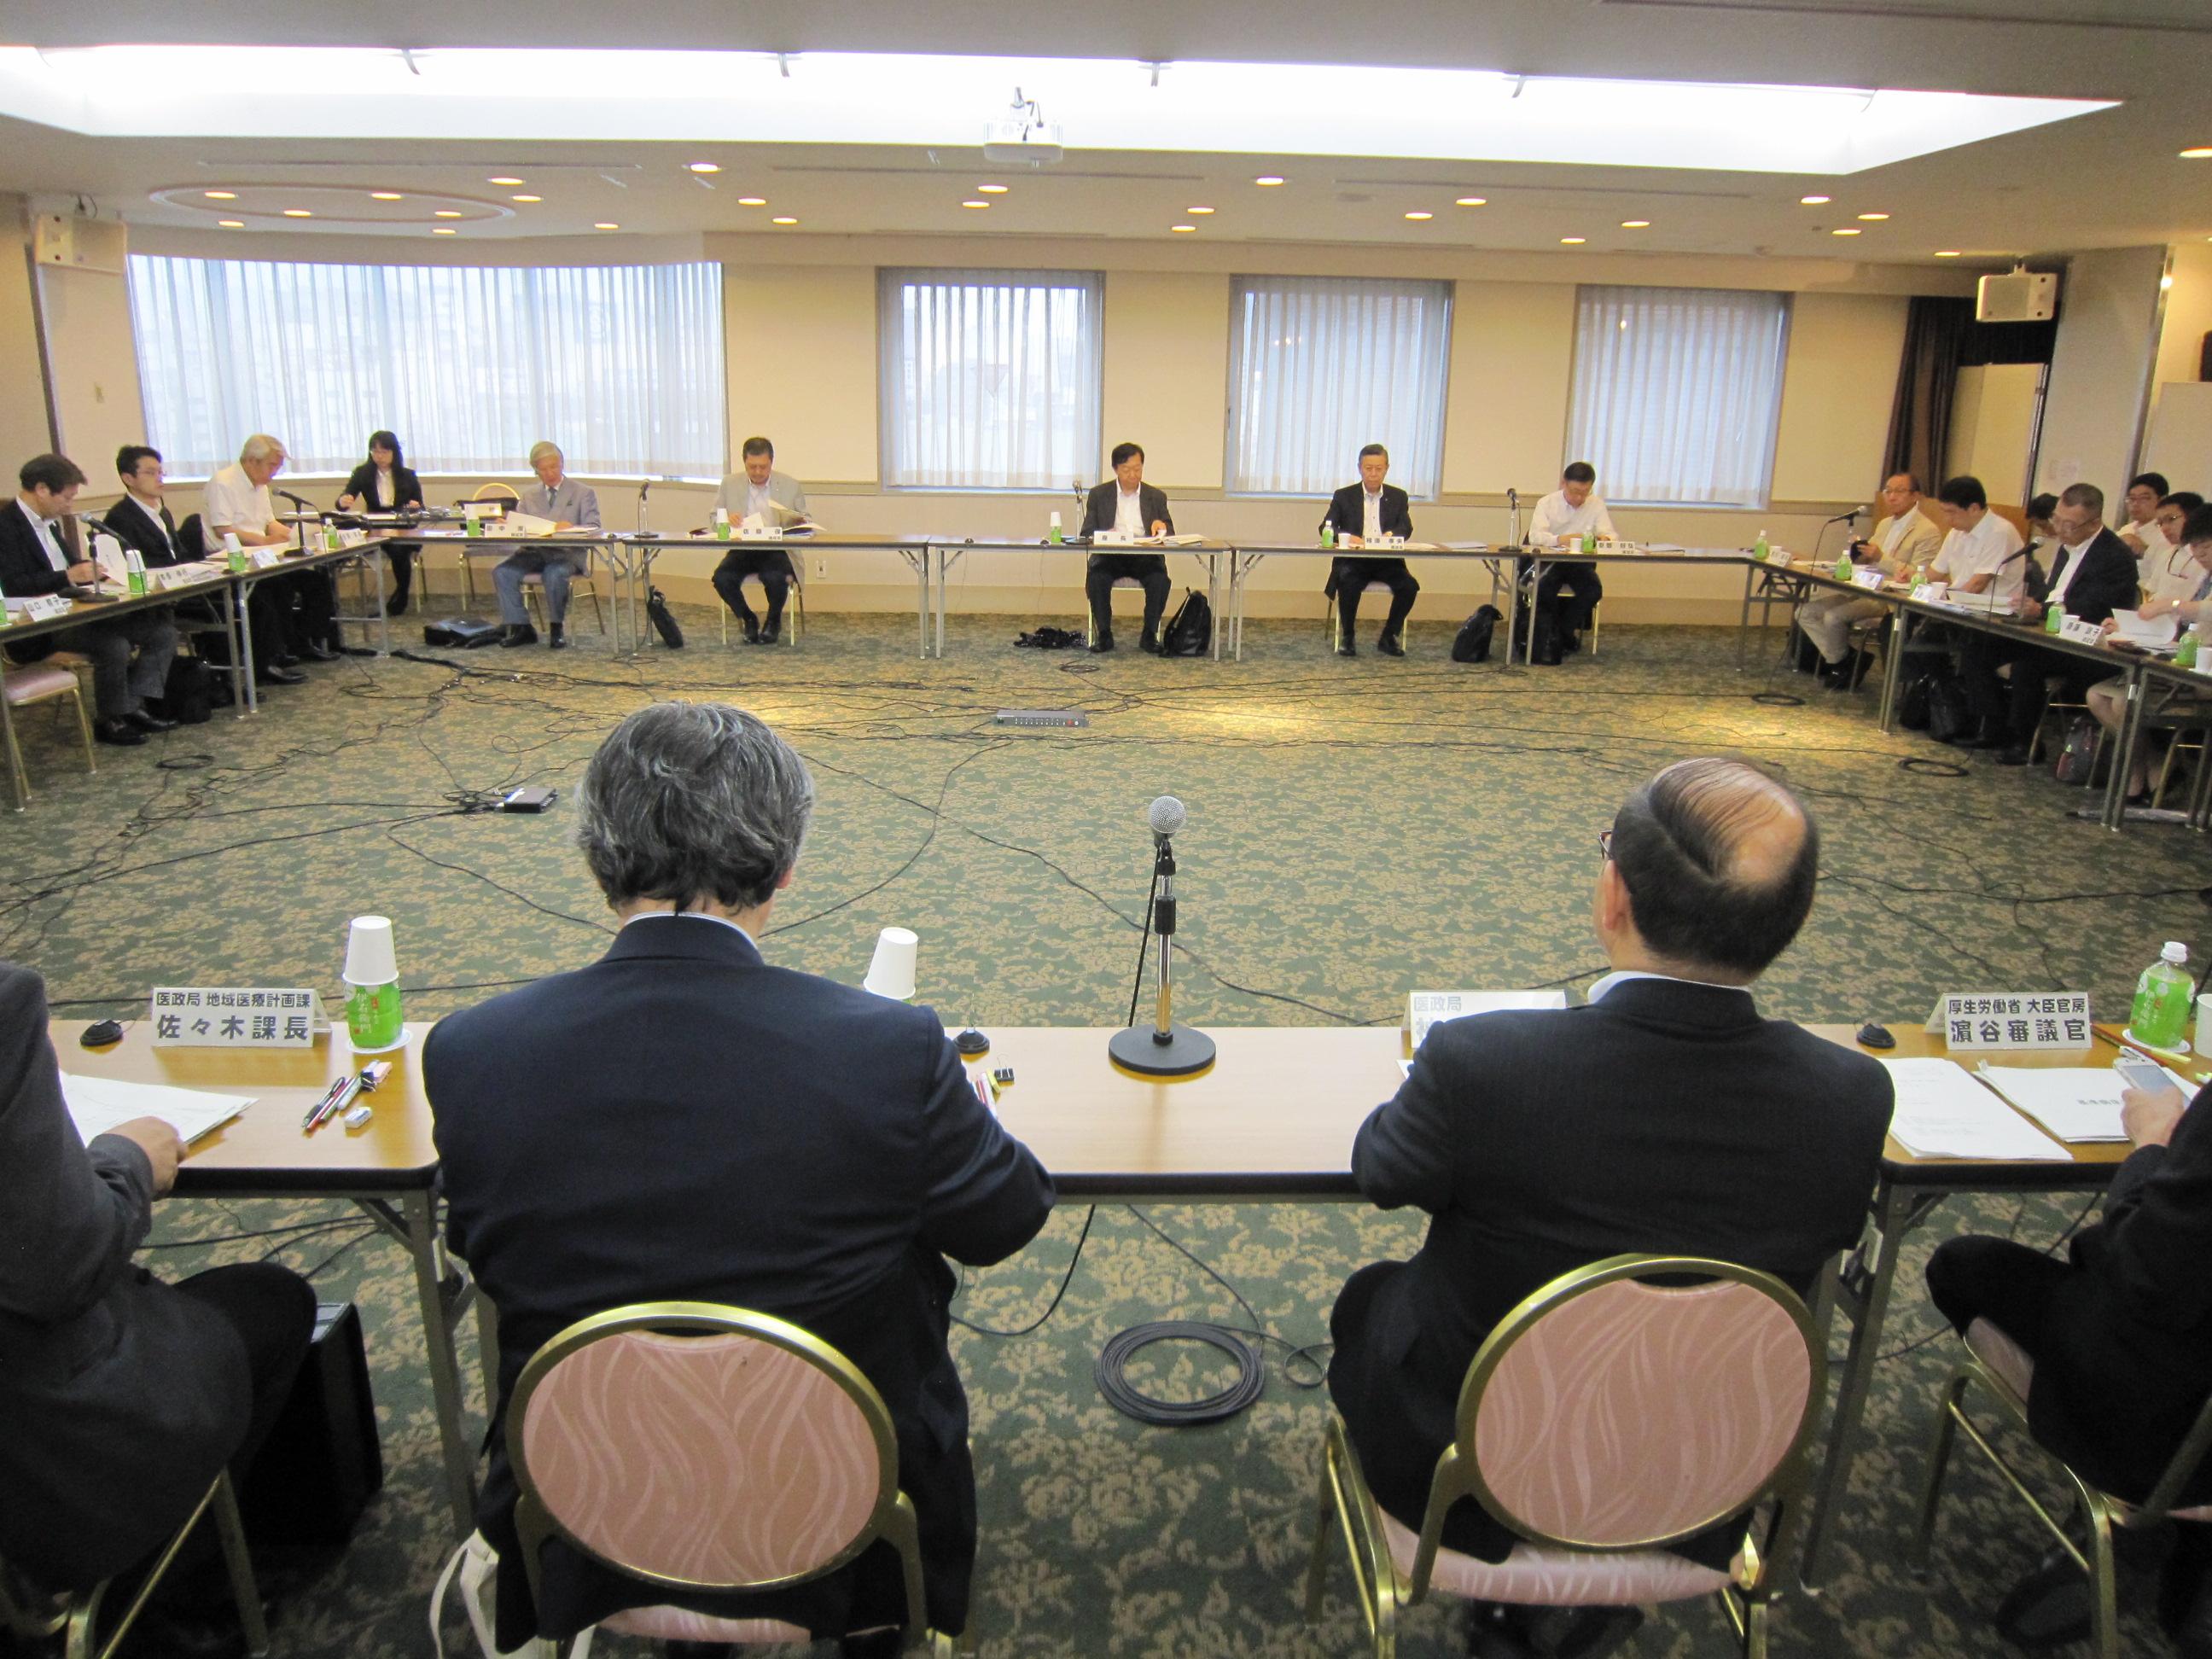 7月15日に開催された、「第3回 医療計画の見直し等に関する検討会」